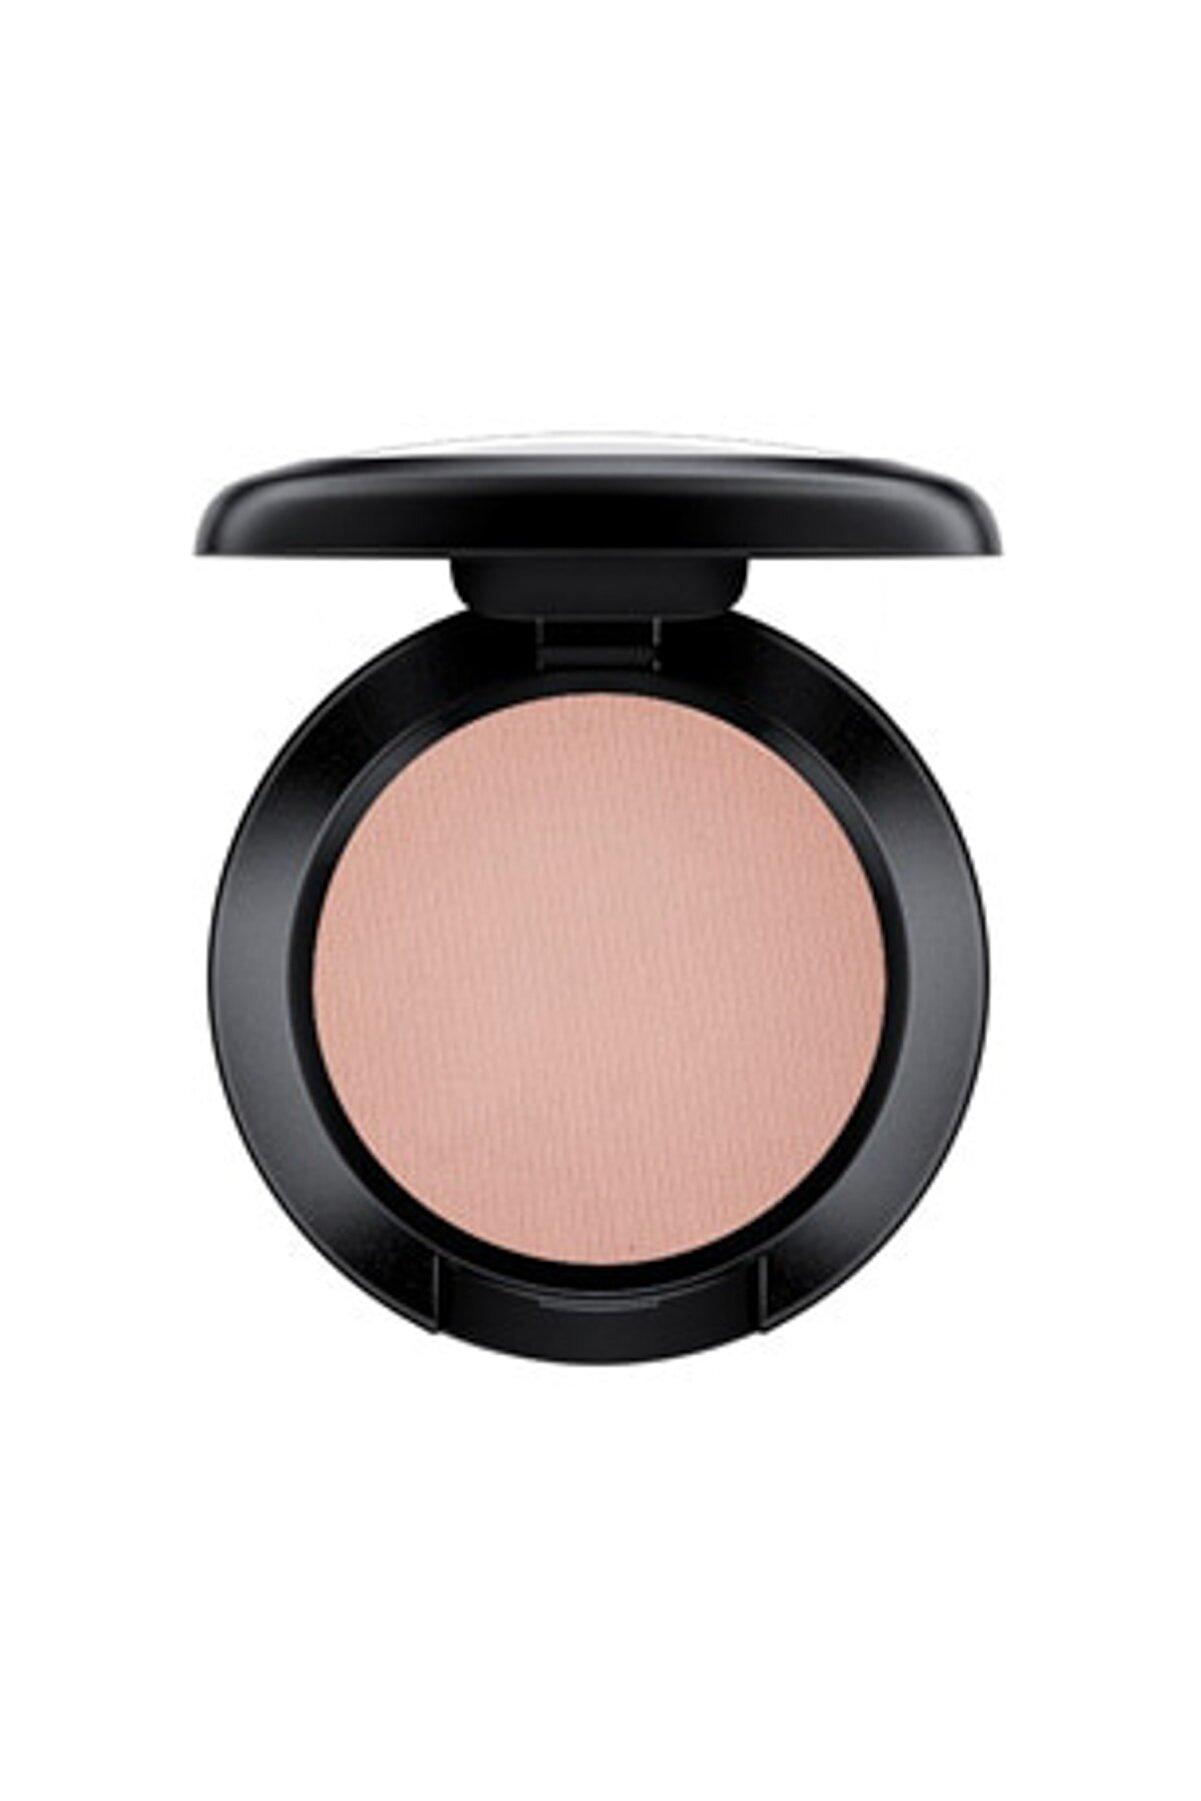 Mac Göz Farı - Eye Shadow Cozy Grey 773602088690